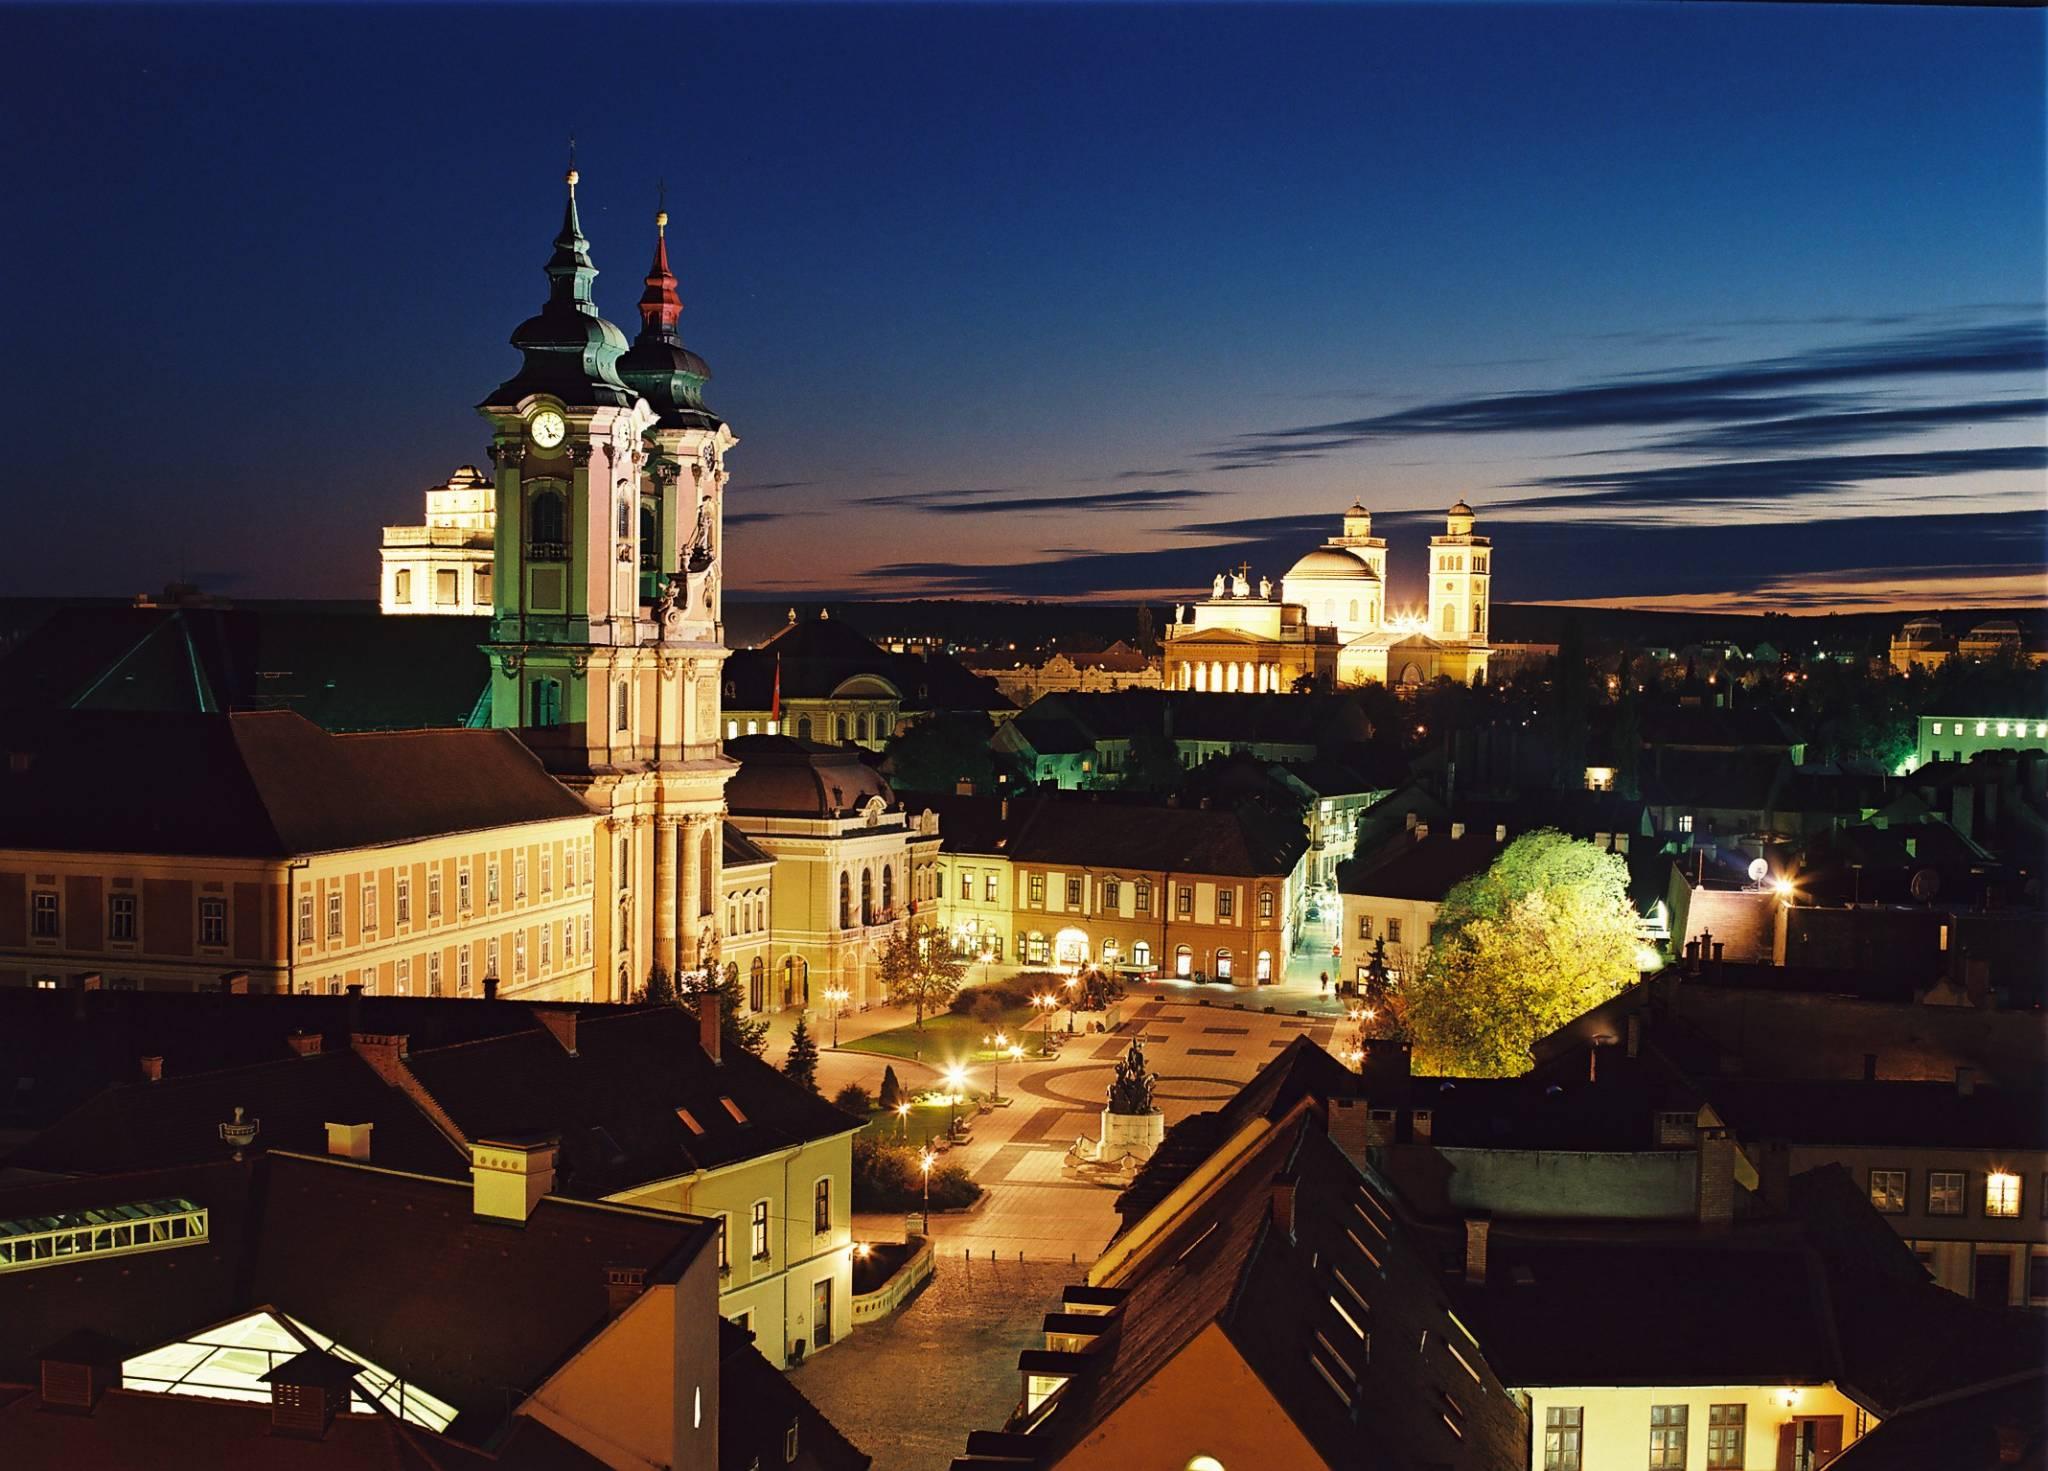 http://i.szalas.hu/hotels/459266/original/3113566.jpg